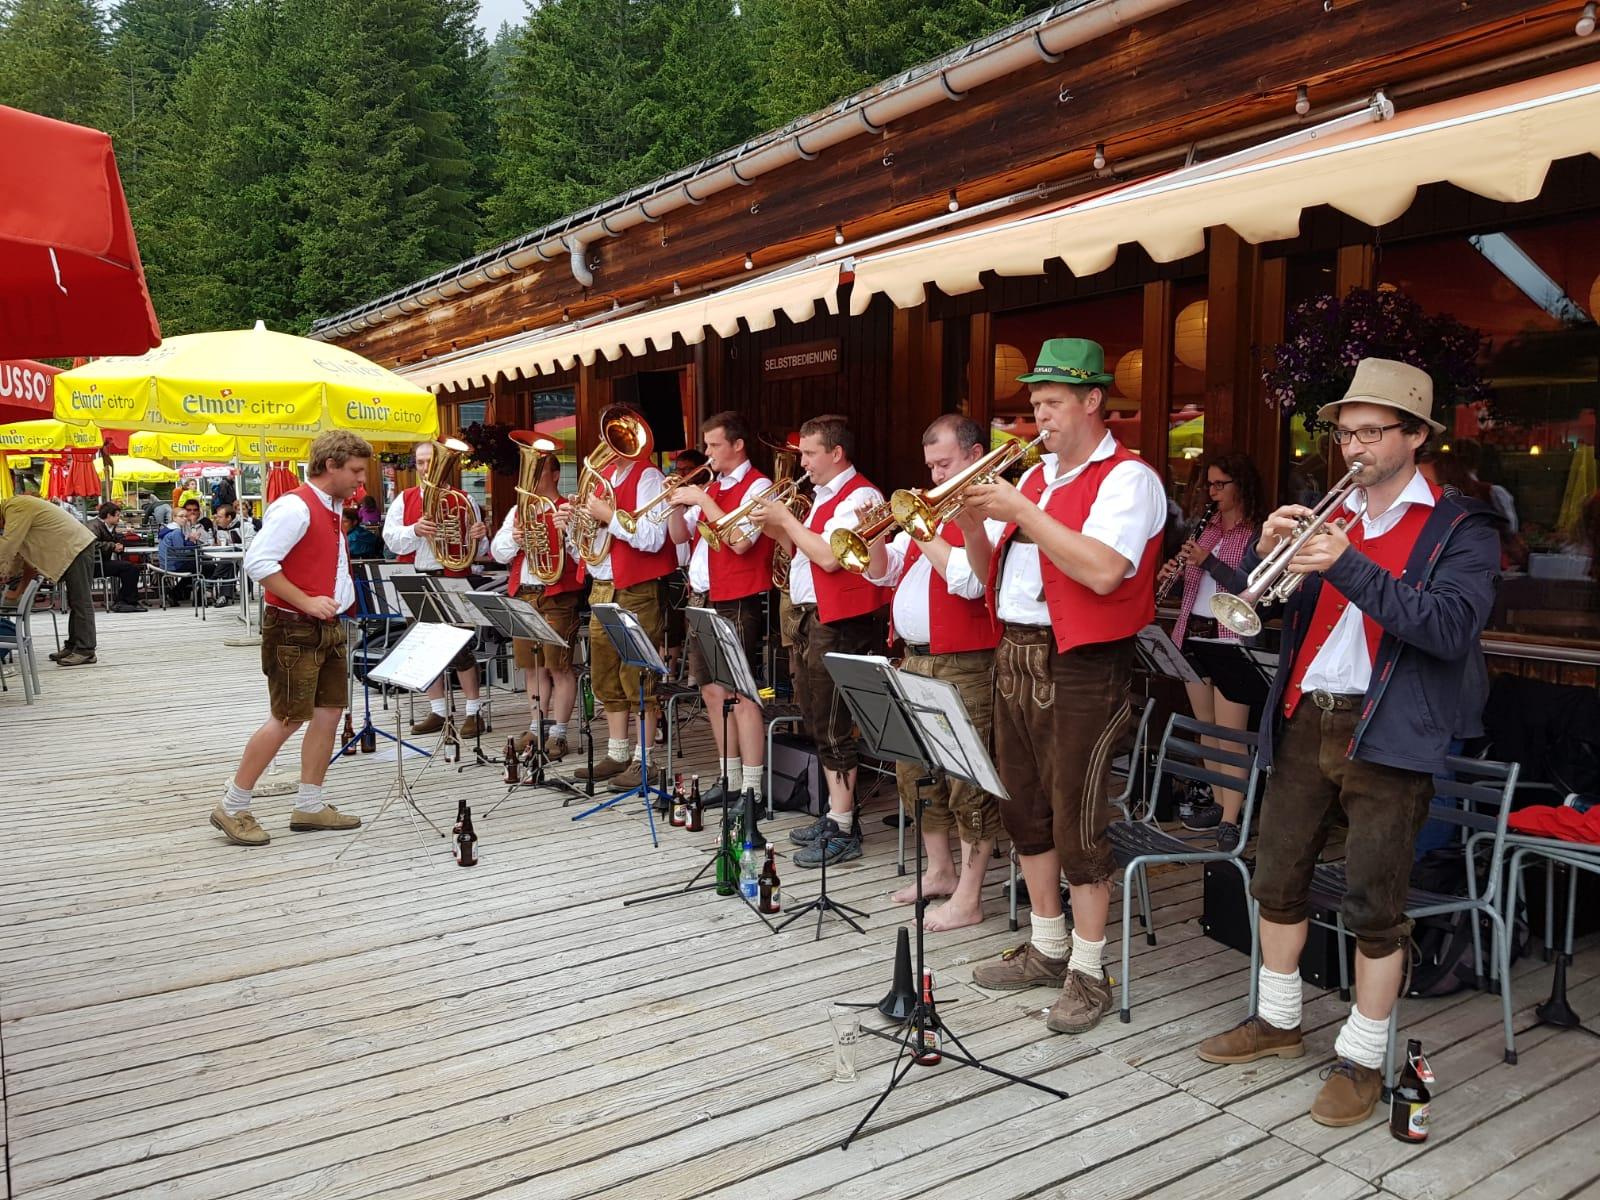 sie spielten vor allem feinste Blasmusik im böhmischen Stil